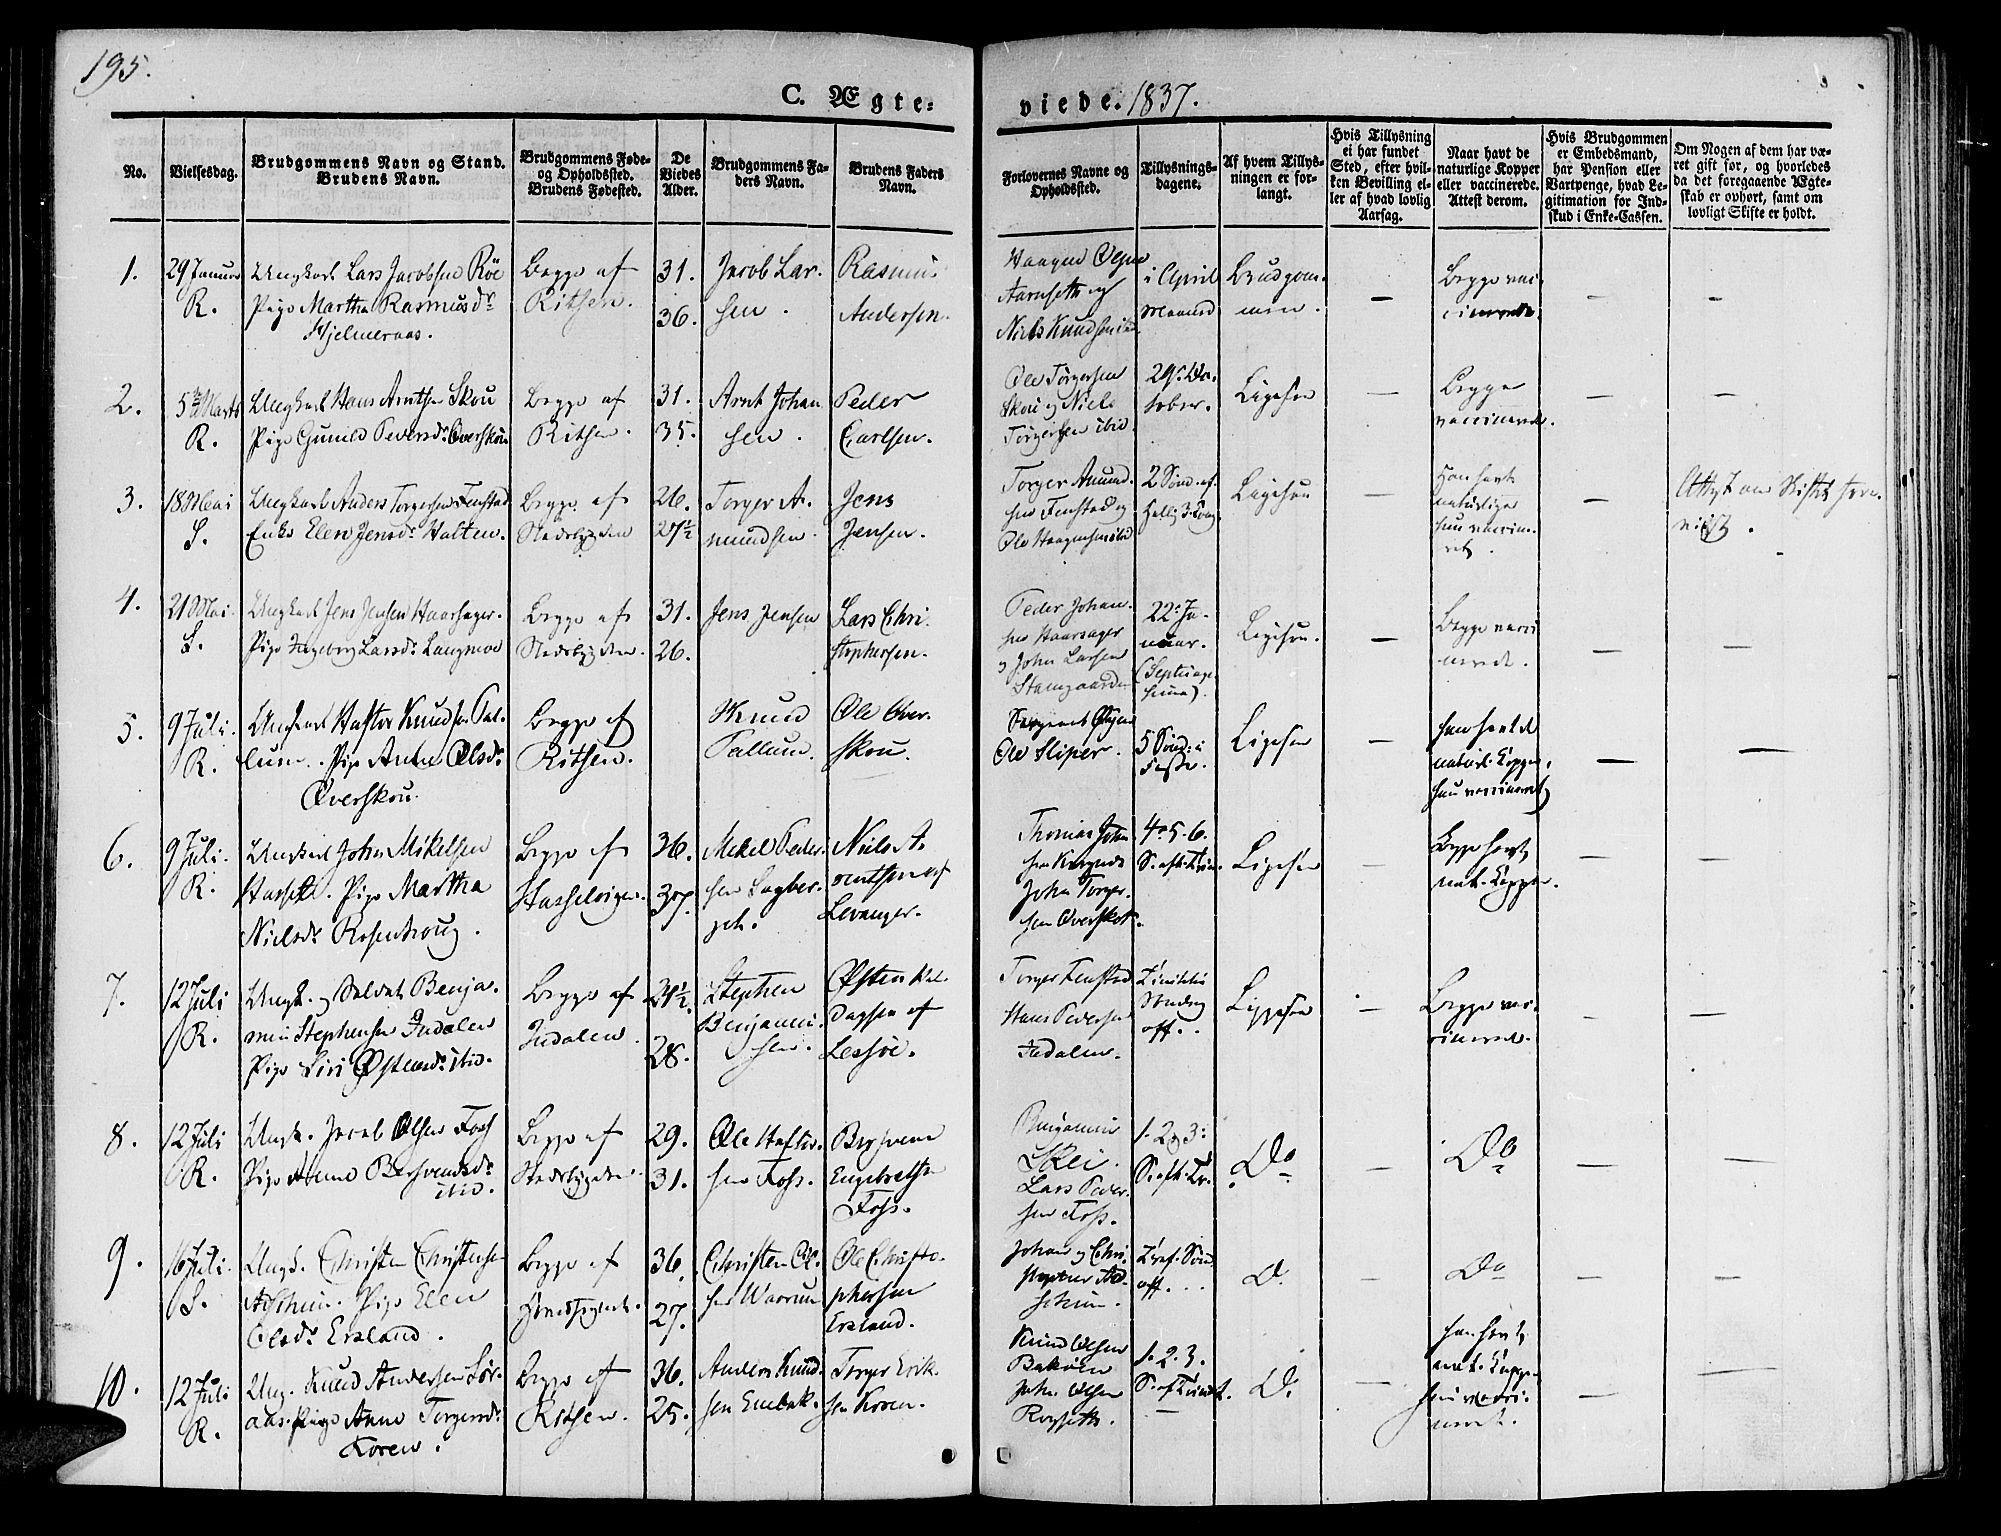 SAT, Ministerialprotokoller, klokkerbøker og fødselsregistre - Sør-Trøndelag, 646/L0610: Ministerialbok nr. 646A08, 1837-1847, s. 195